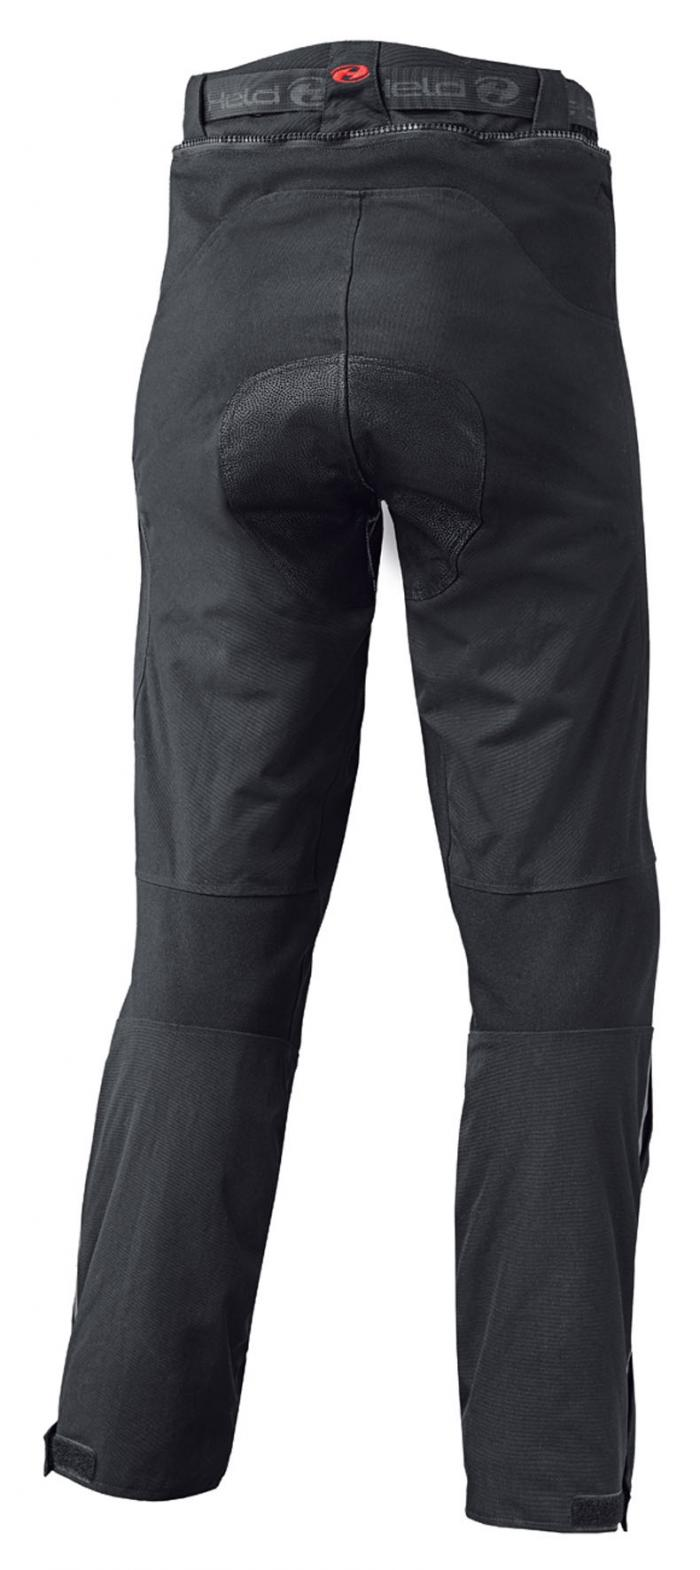 Vista posteriore del pantalone Held Murdock